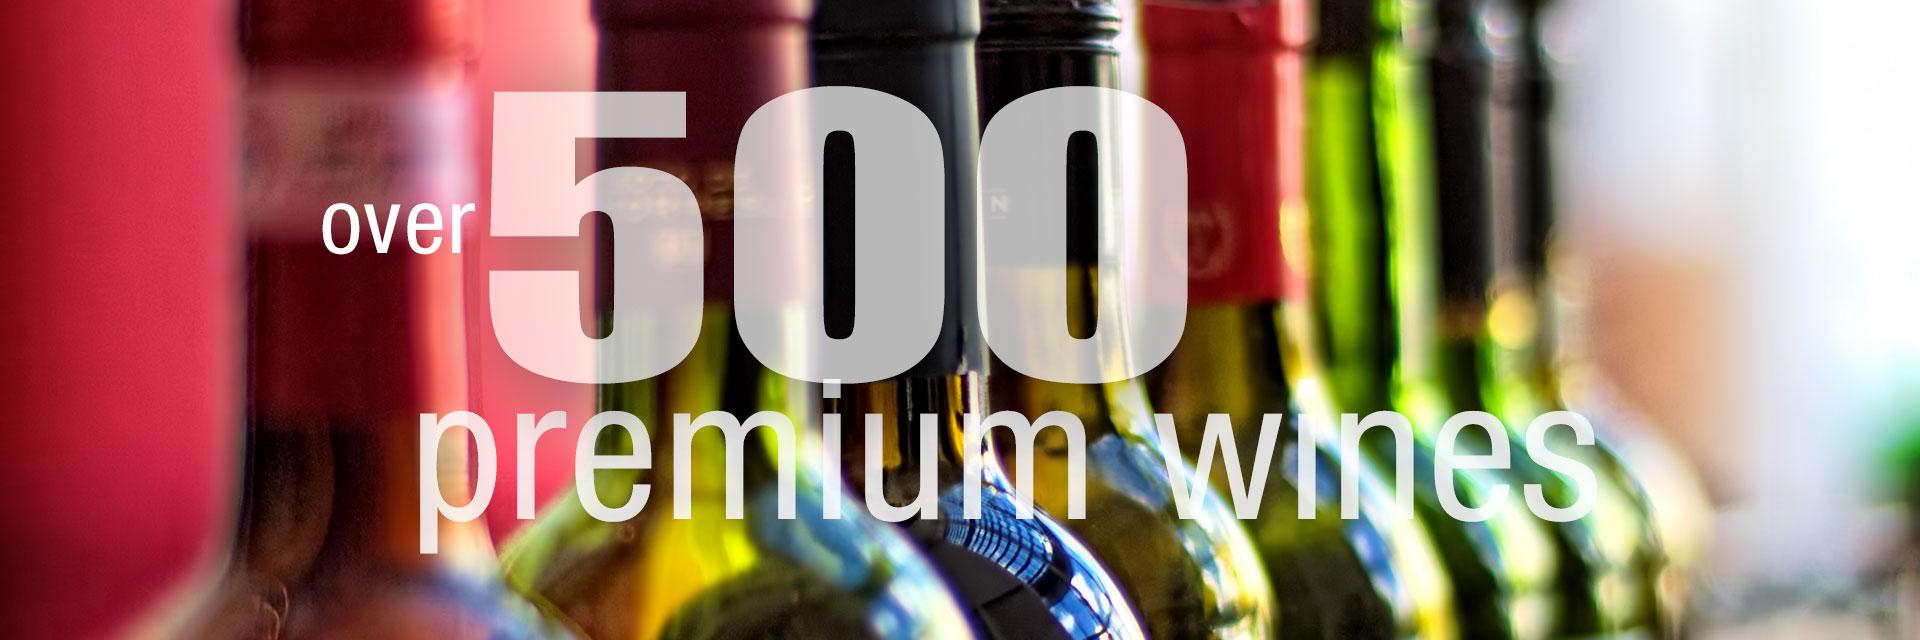 Over 500 Premium Wines